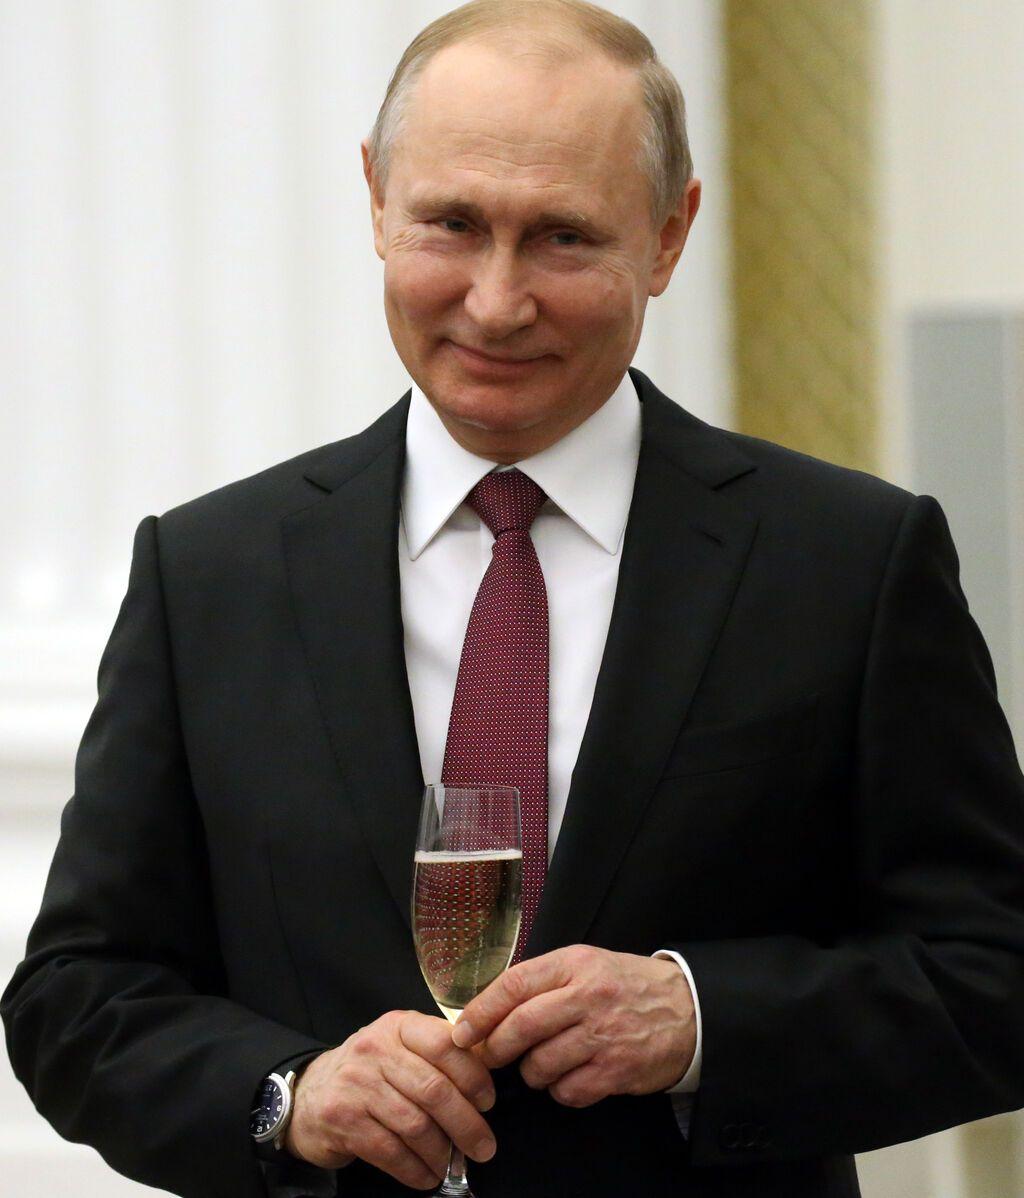 El presidente de Rusia, Vladimir Putin, con una copa de champán